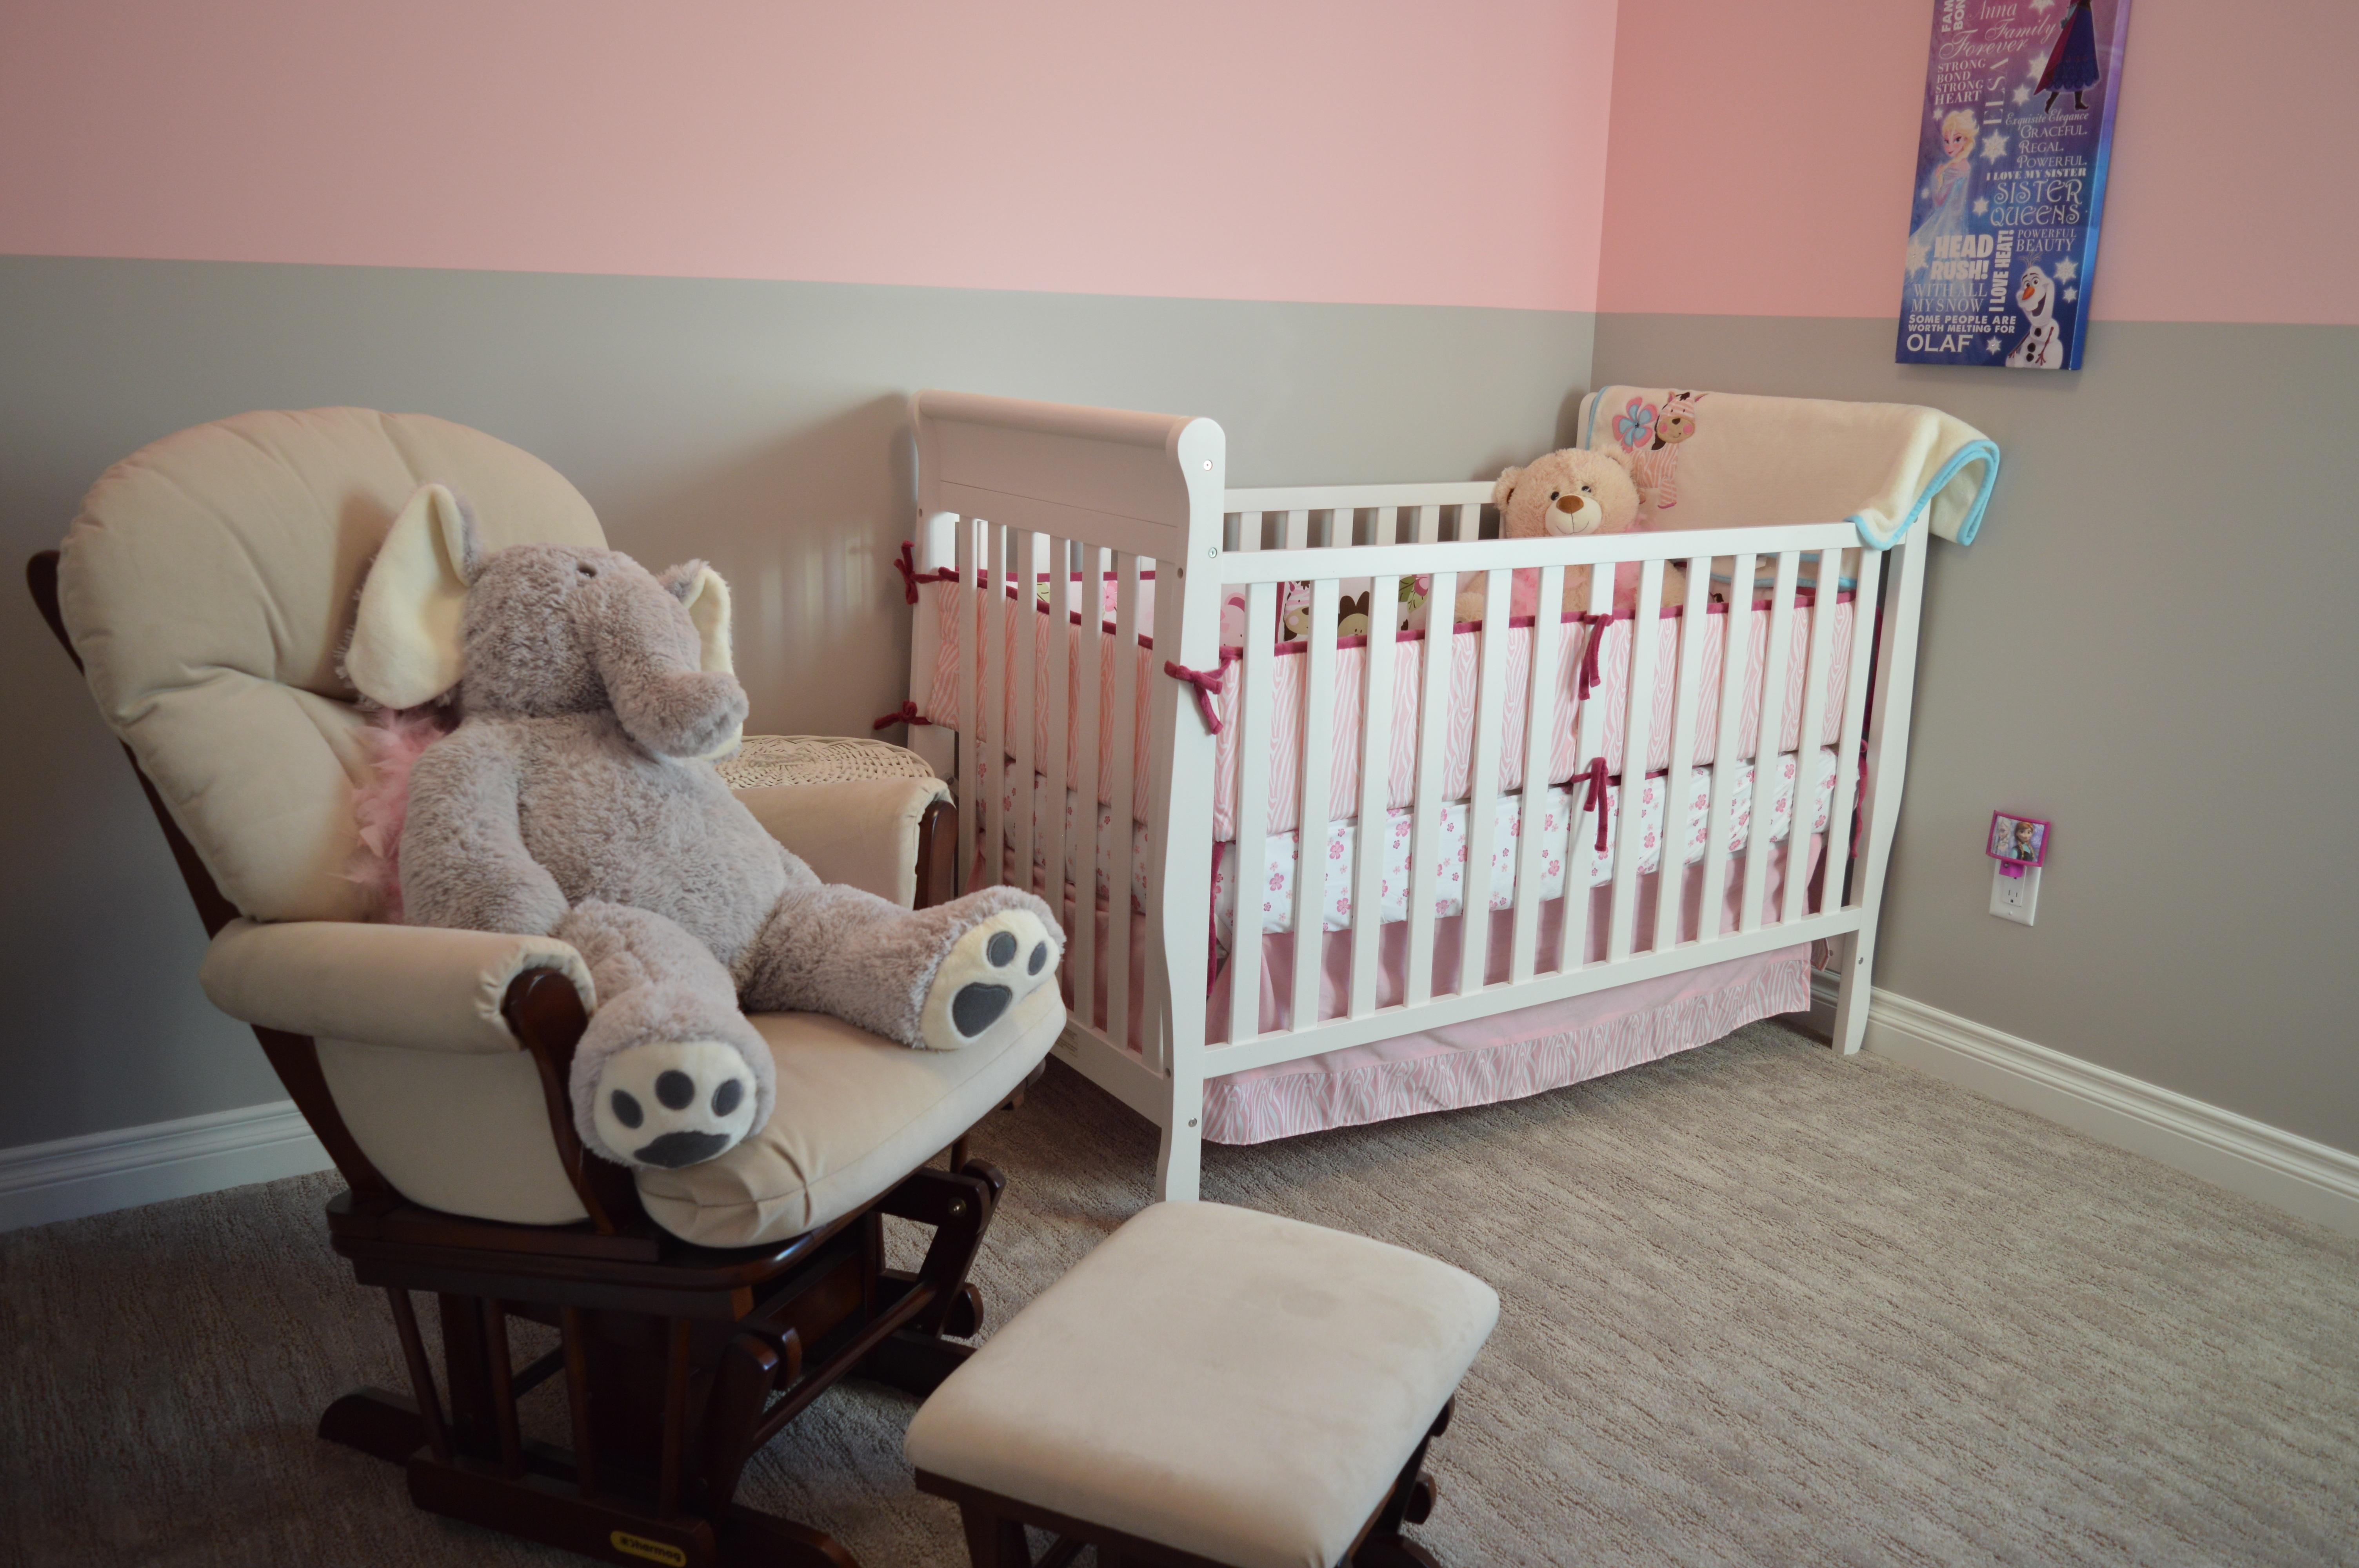 Fotos gratis : casa, silla, piso, niño, propiedad, sala, mueble ...